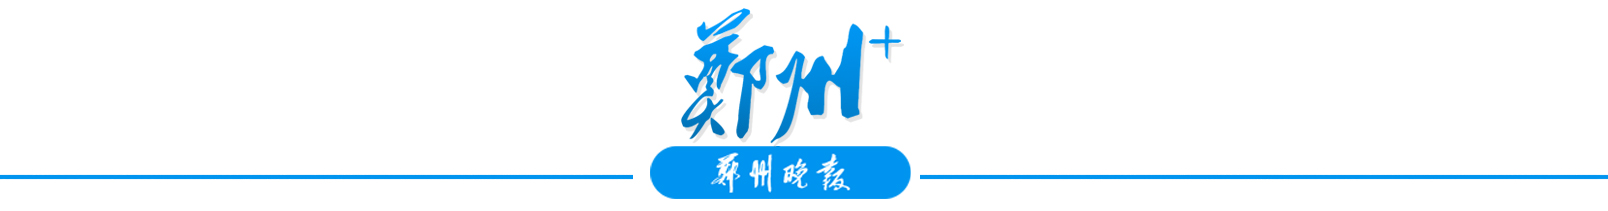 郑州+.jpg